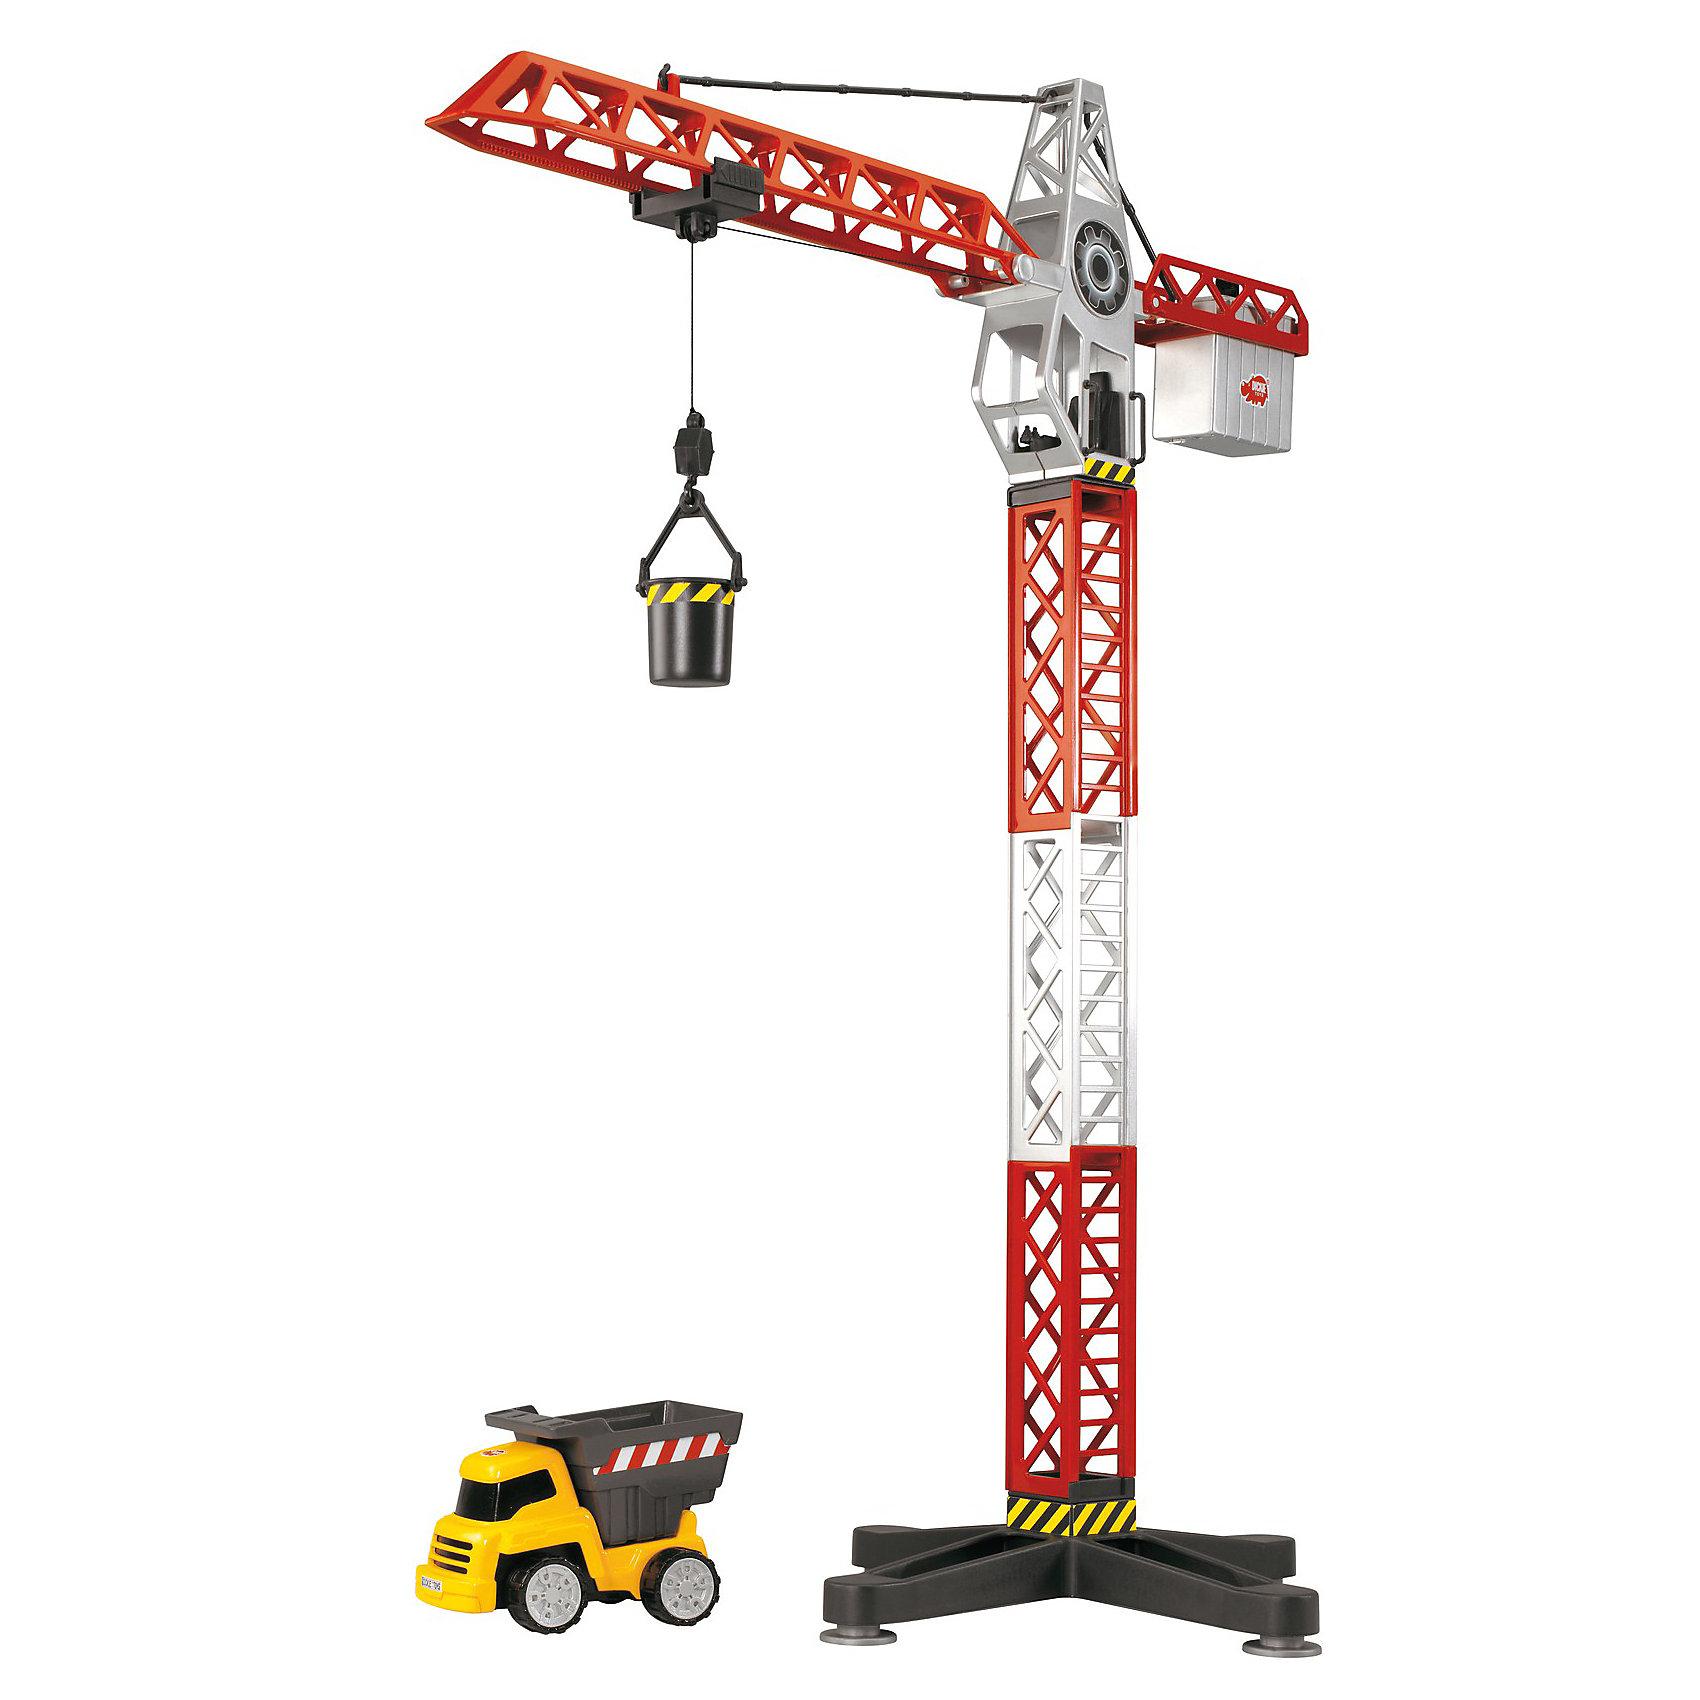 DICKIE Набор кран+самосвал, 67-13,5 см.DICKIE Набор кран+самосвал, 67-13,5 см. - замечательный игровой набор от Dickie Toys, который наверняка понравится всем юным любителям строительной техники. <br><br>С этим набором ваш ребенок сможет почувствовать себя совсем большим, взрослым строителем. Кран, входящий в набор , почти как настоящий и может поднимать и опускать грузы, а также разворачиваться на  360 °!  А самосвал позволит перемещать грузы до строительных объектов на любые расстояния. <br><br> Дополнительная информация:<br><br>- В комплект входят: строительный кран и самосвал.<br>- Кран разворачивается на 360 градусов, поднимает и опускает грузы.<br>- Высота крана: 67 см.<br>- Размер самосвала: 13,5 см.<br>- Материал: пластмасса.<br>- Для работы крана требуются 2 батарейки 1.5 В типа ААА (в комплект не входят).<br><br>Отличный игровой набор строительной техники для сюжетно-ролевых игр ваших детей!<br><br>DICKIE Набор кран+самосвал, 67-13,5 см. можно купить в нашем магазине.<br><br>Ширина мм: 555<br>Глубина мм: 304<br>Высота мм: 96<br>Вес г: 790<br>Возраст от месяцев: 36<br>Возраст до месяцев: 84<br>Пол: Мужской<br>Возраст: Детский<br>SKU: 2390808